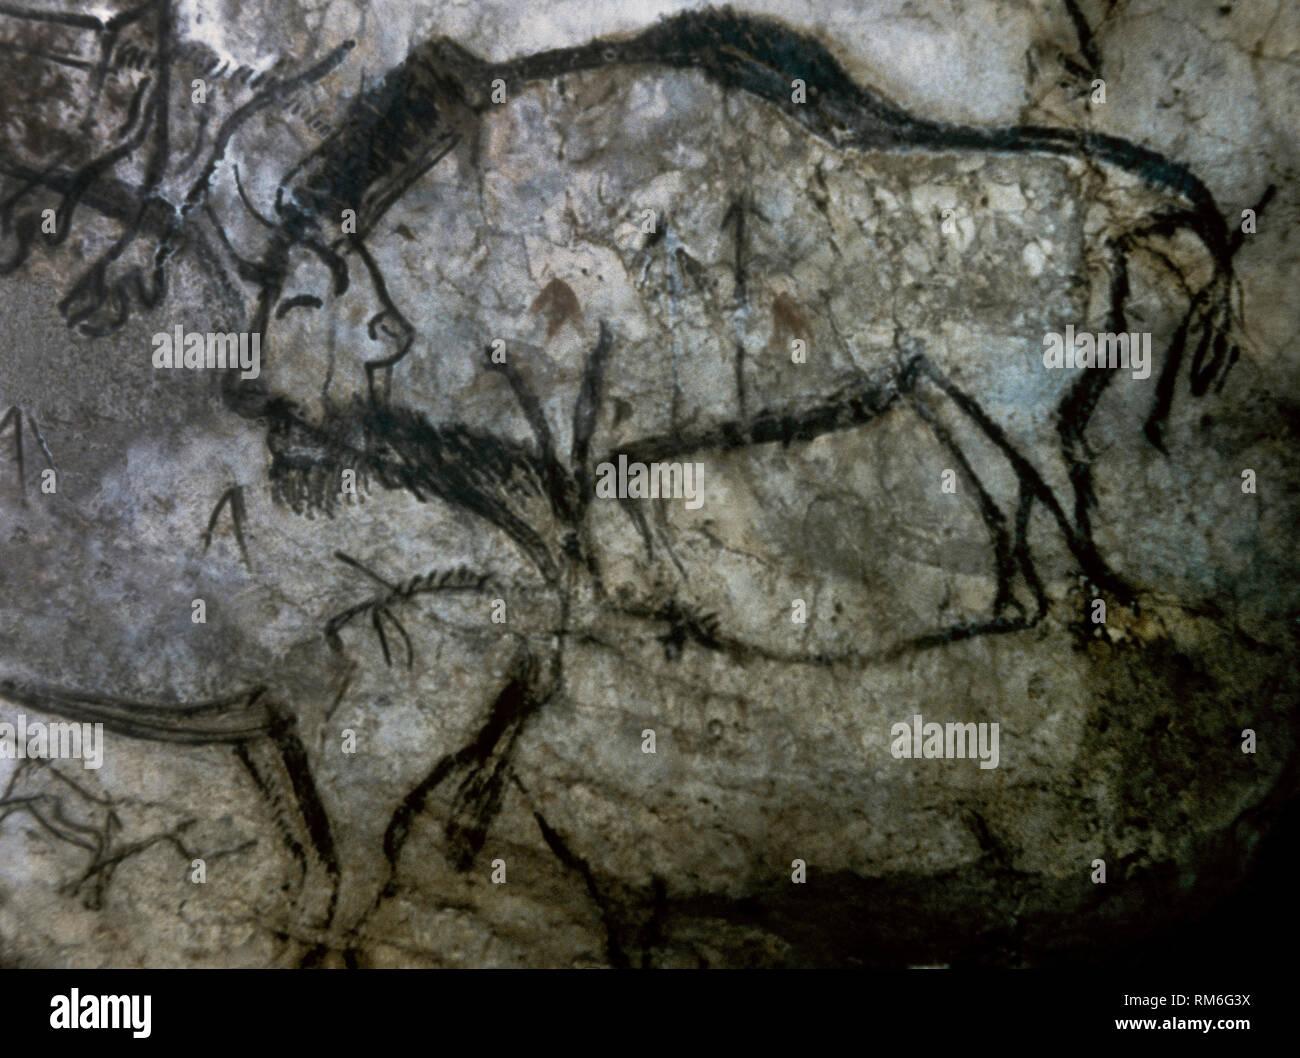 Cueva de Niaux. Salón negro panel. Pintura de los bisontes, ejecutados en un estilo de resaltado en negro. A finales del Paleolítico Superior. La cultura Magdaleniense, c. 13.000 AEC. Ariege, al sudoeste de Francia. Europa. Imagen De Stock